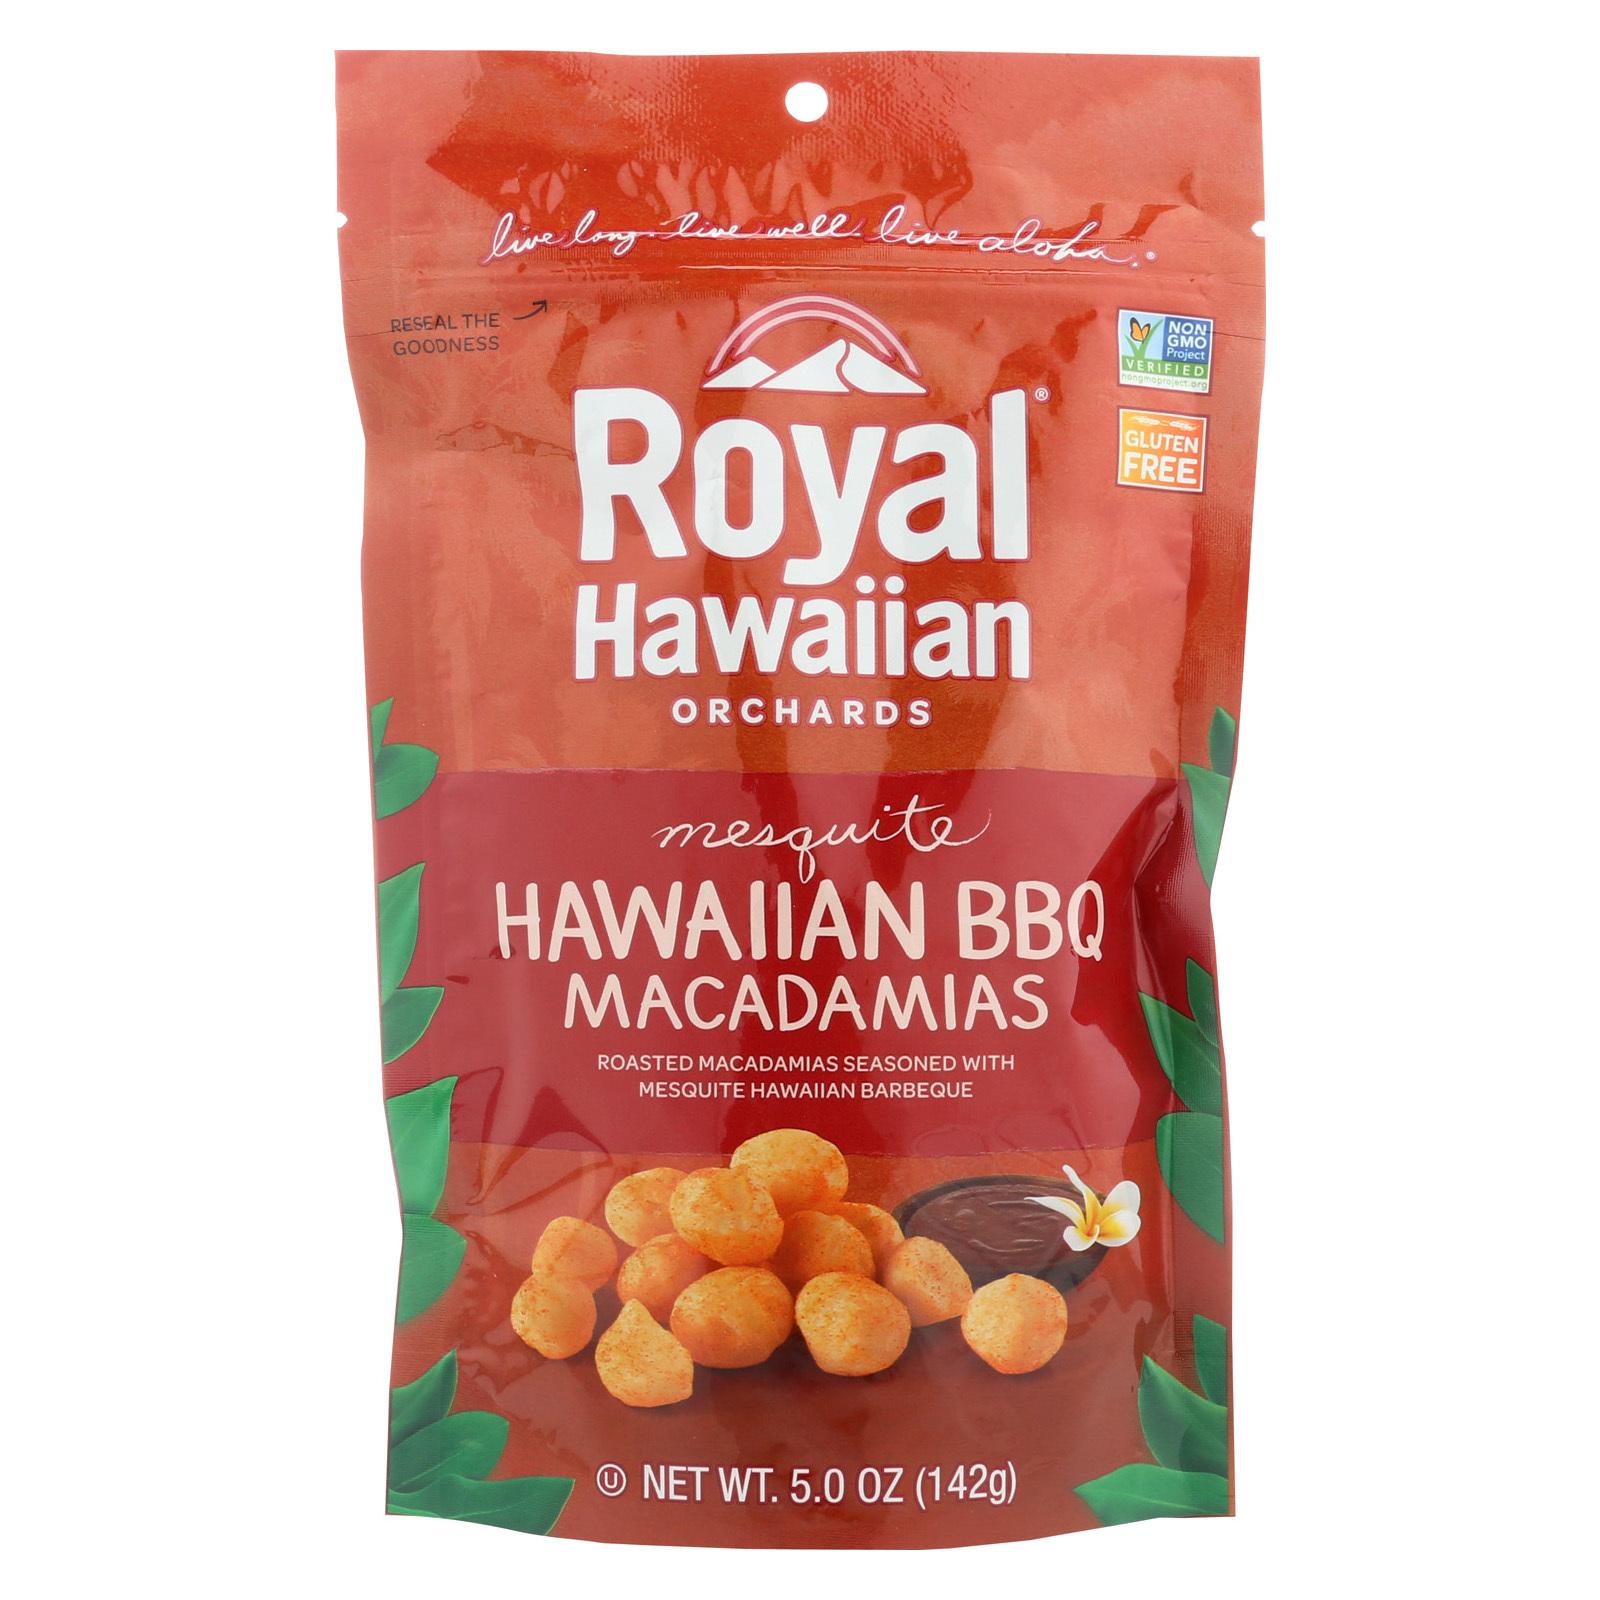 Royal Hawaiian Orchards Macadamias - Hawaiian BBQ - Case of 6 - 5 oz.